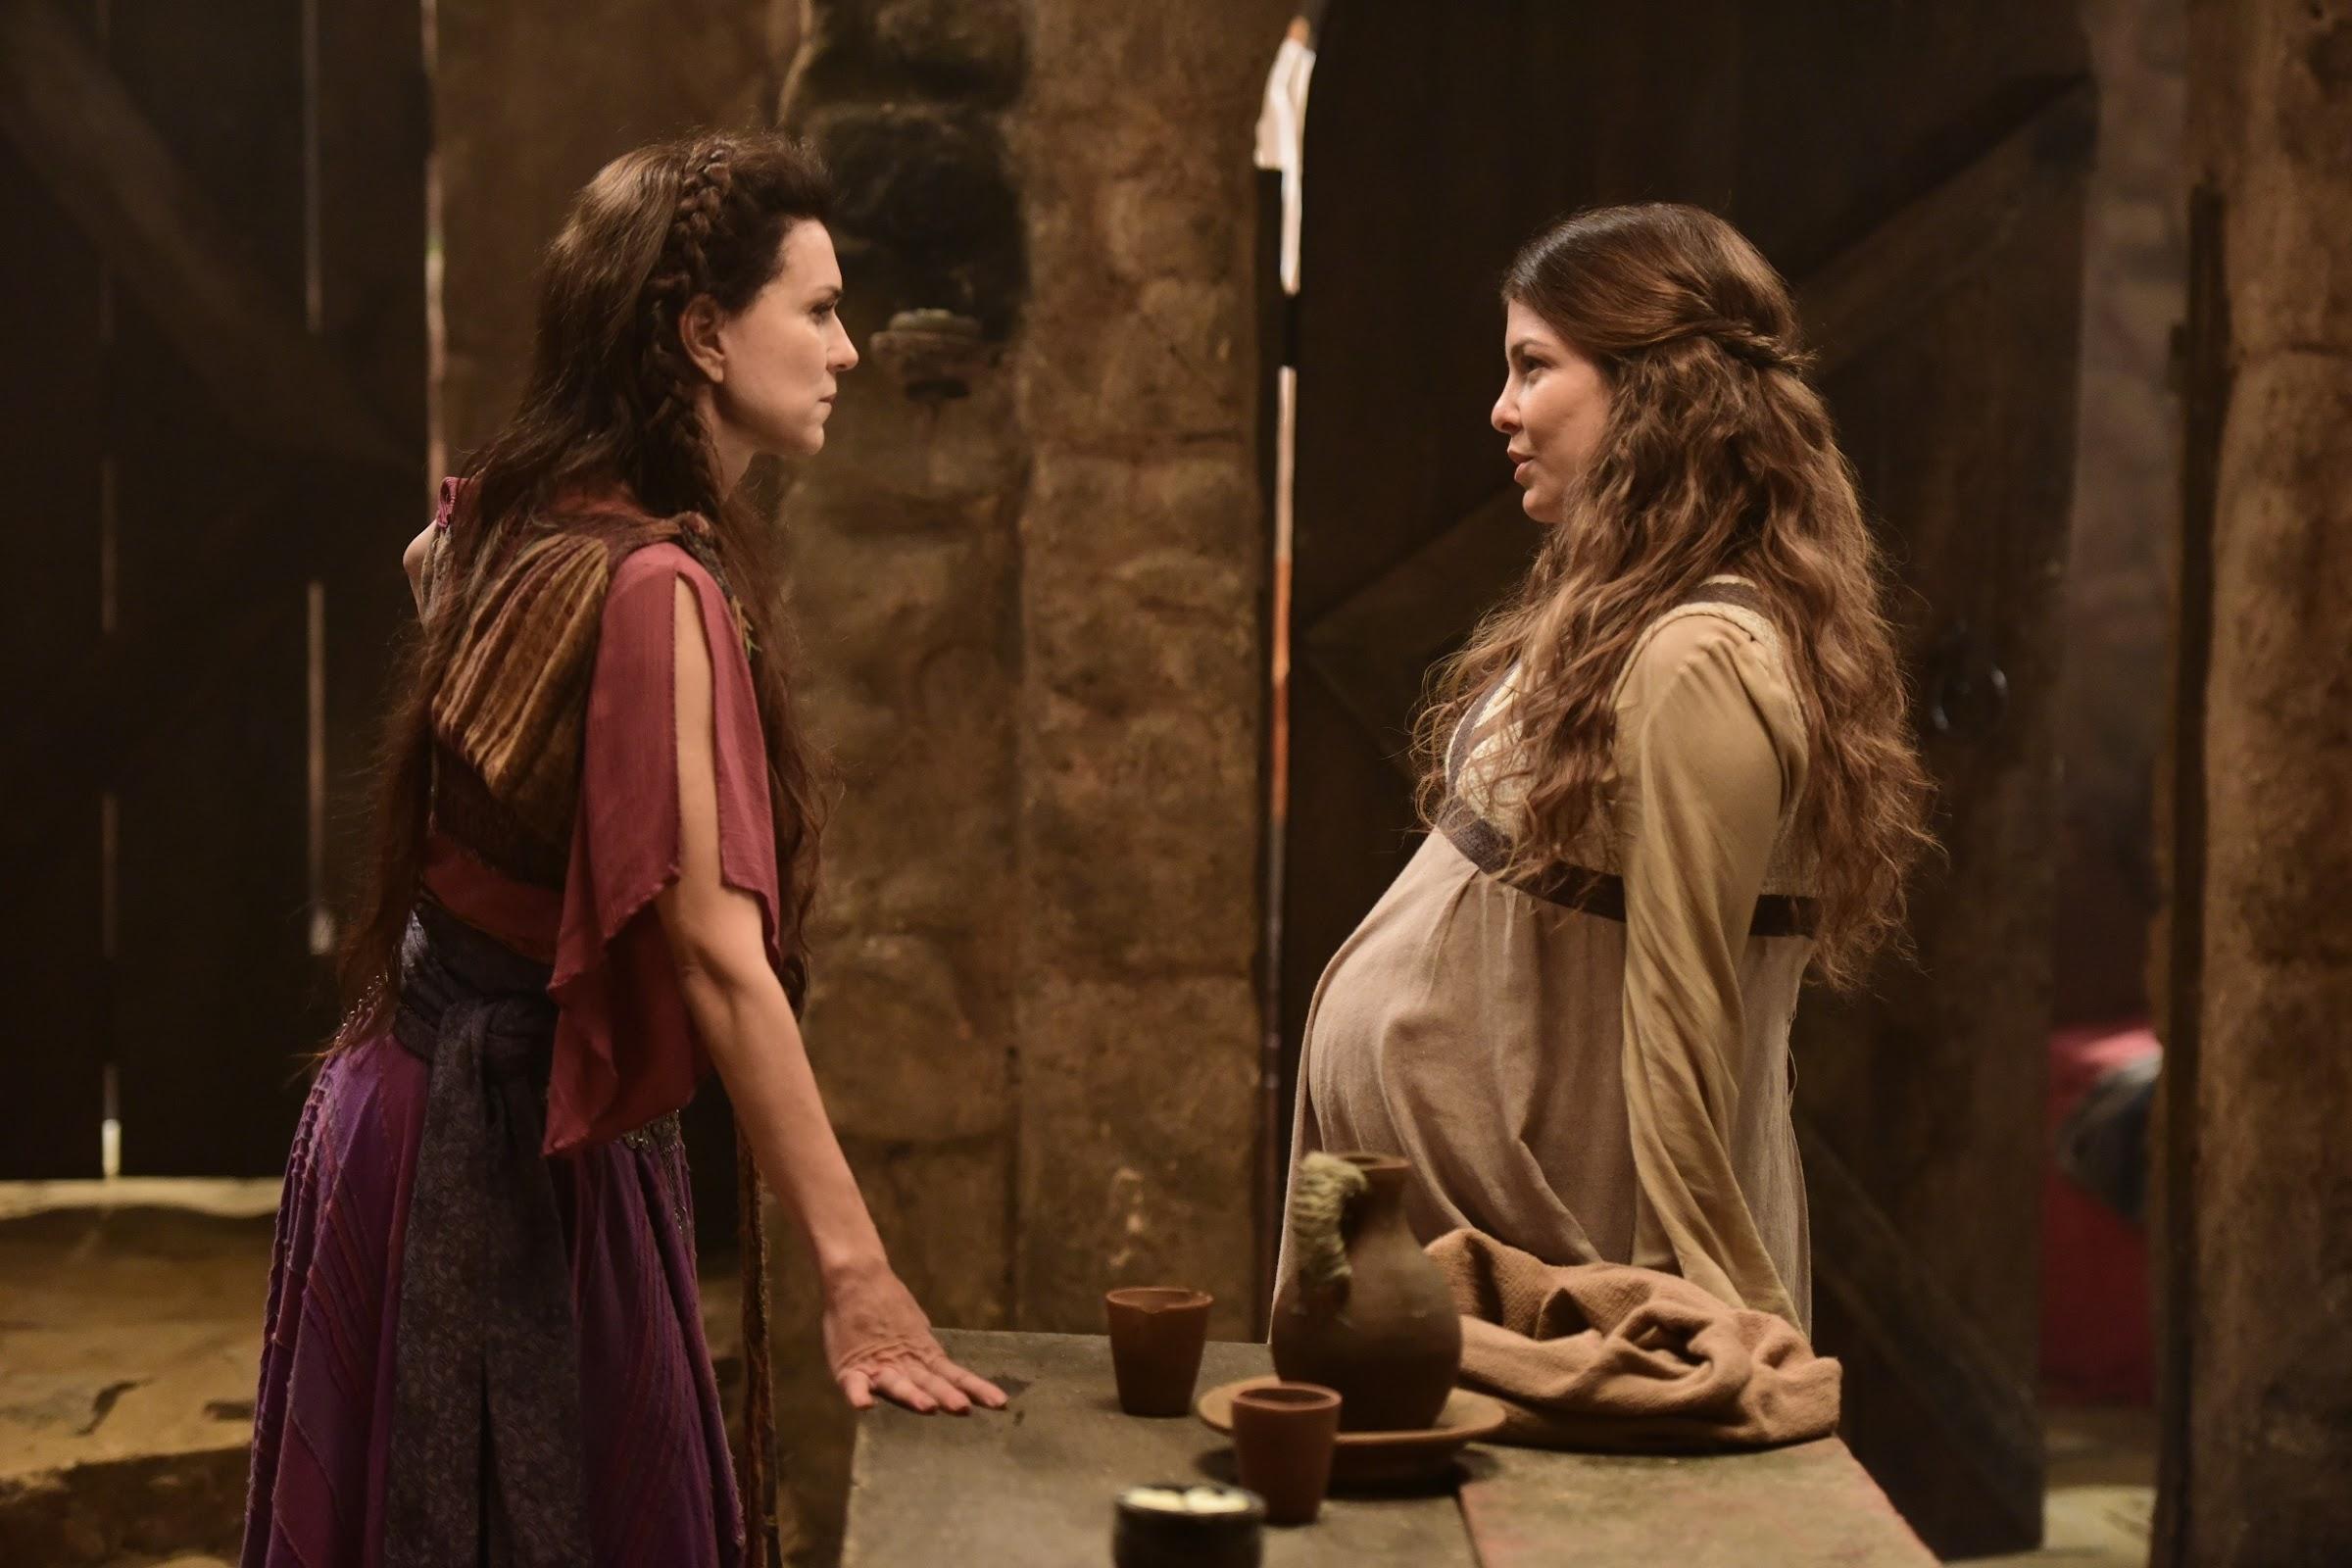 Livona ameaça Adela e a ofende